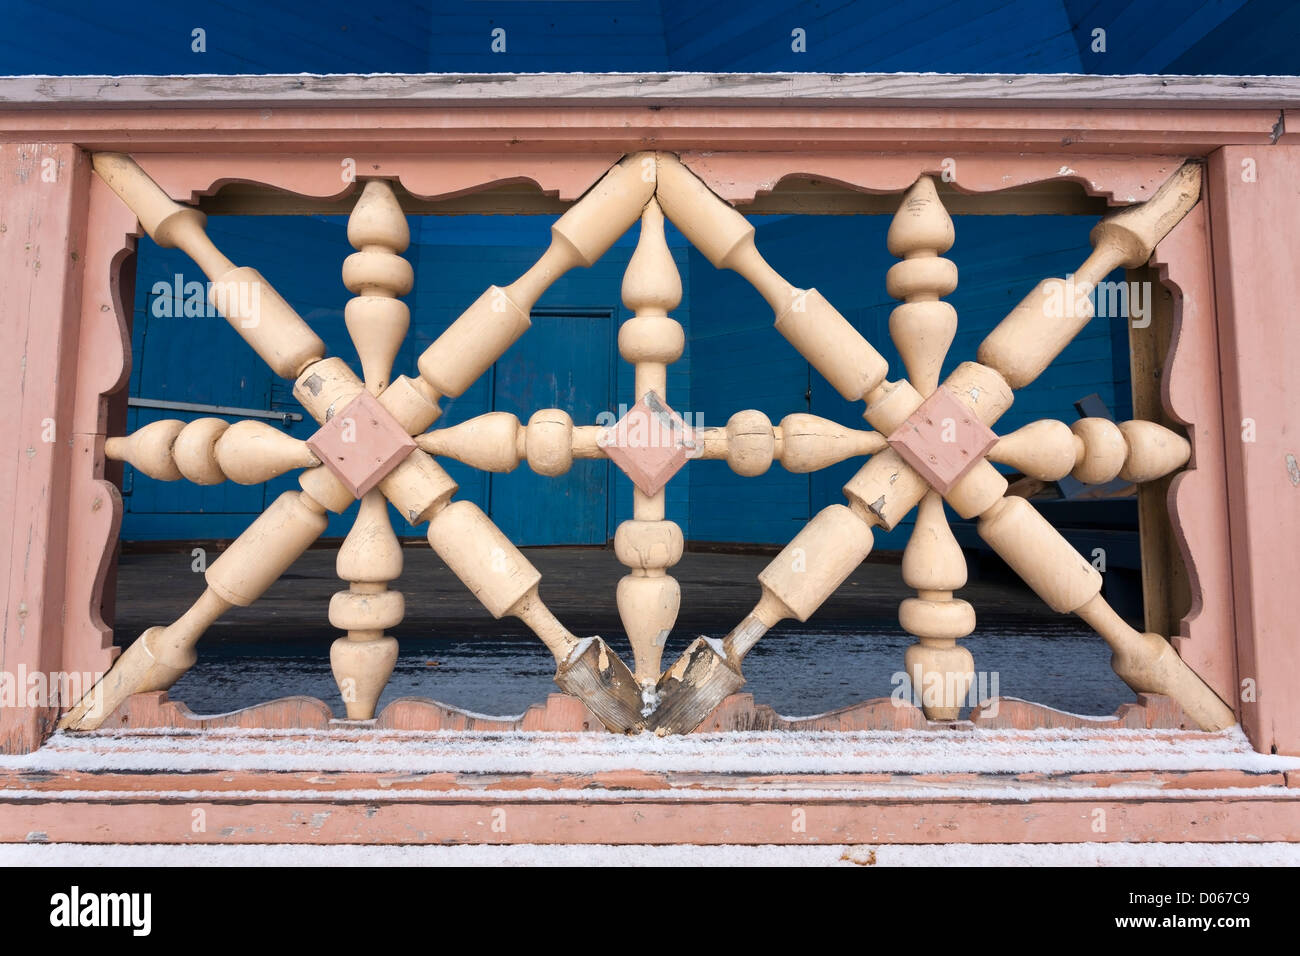 Handrail detail, Mikkeli Finland - Stock Image